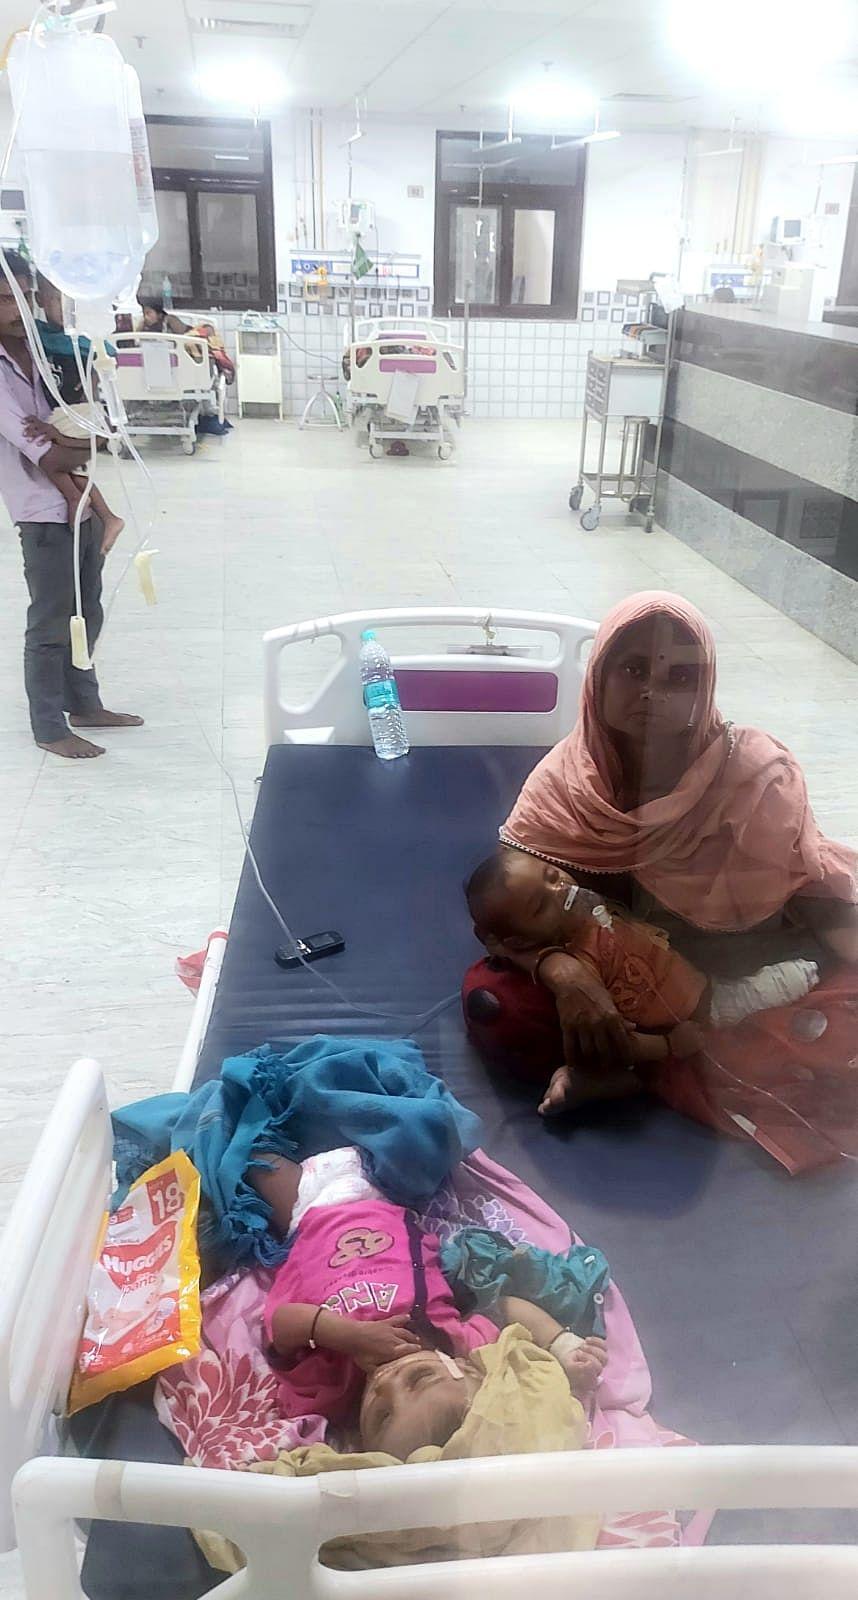 Viral fever in Bihar:  गोपालगंज में 100 से ज्यादा बच्चे बीमार, अब तक 3 की मौत, अस्पताल में बेड फुल